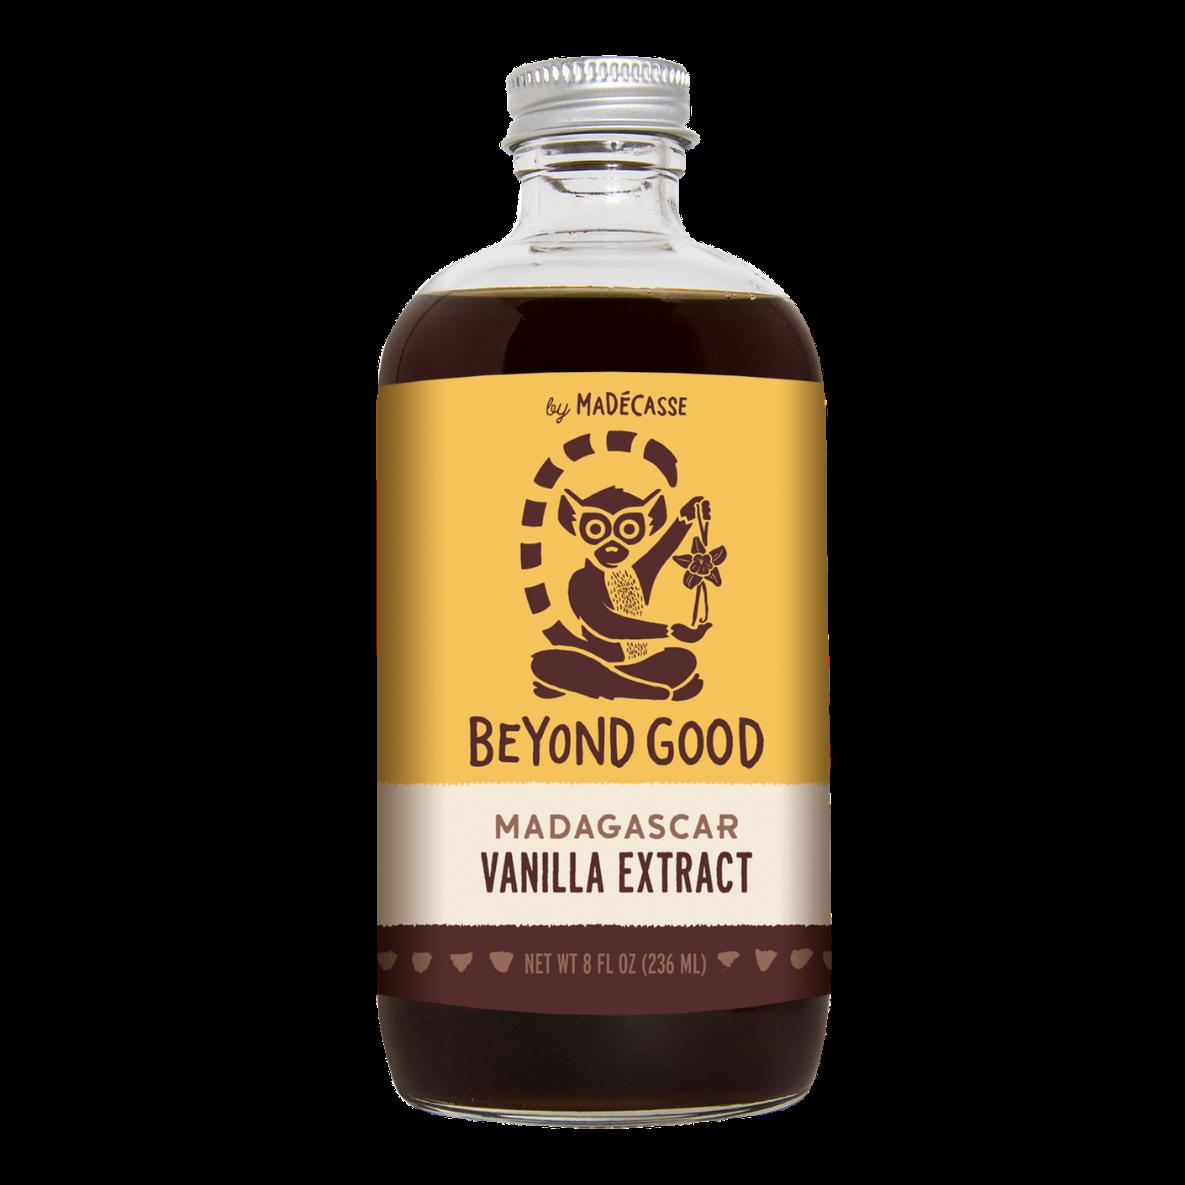 The bottle of vanilla